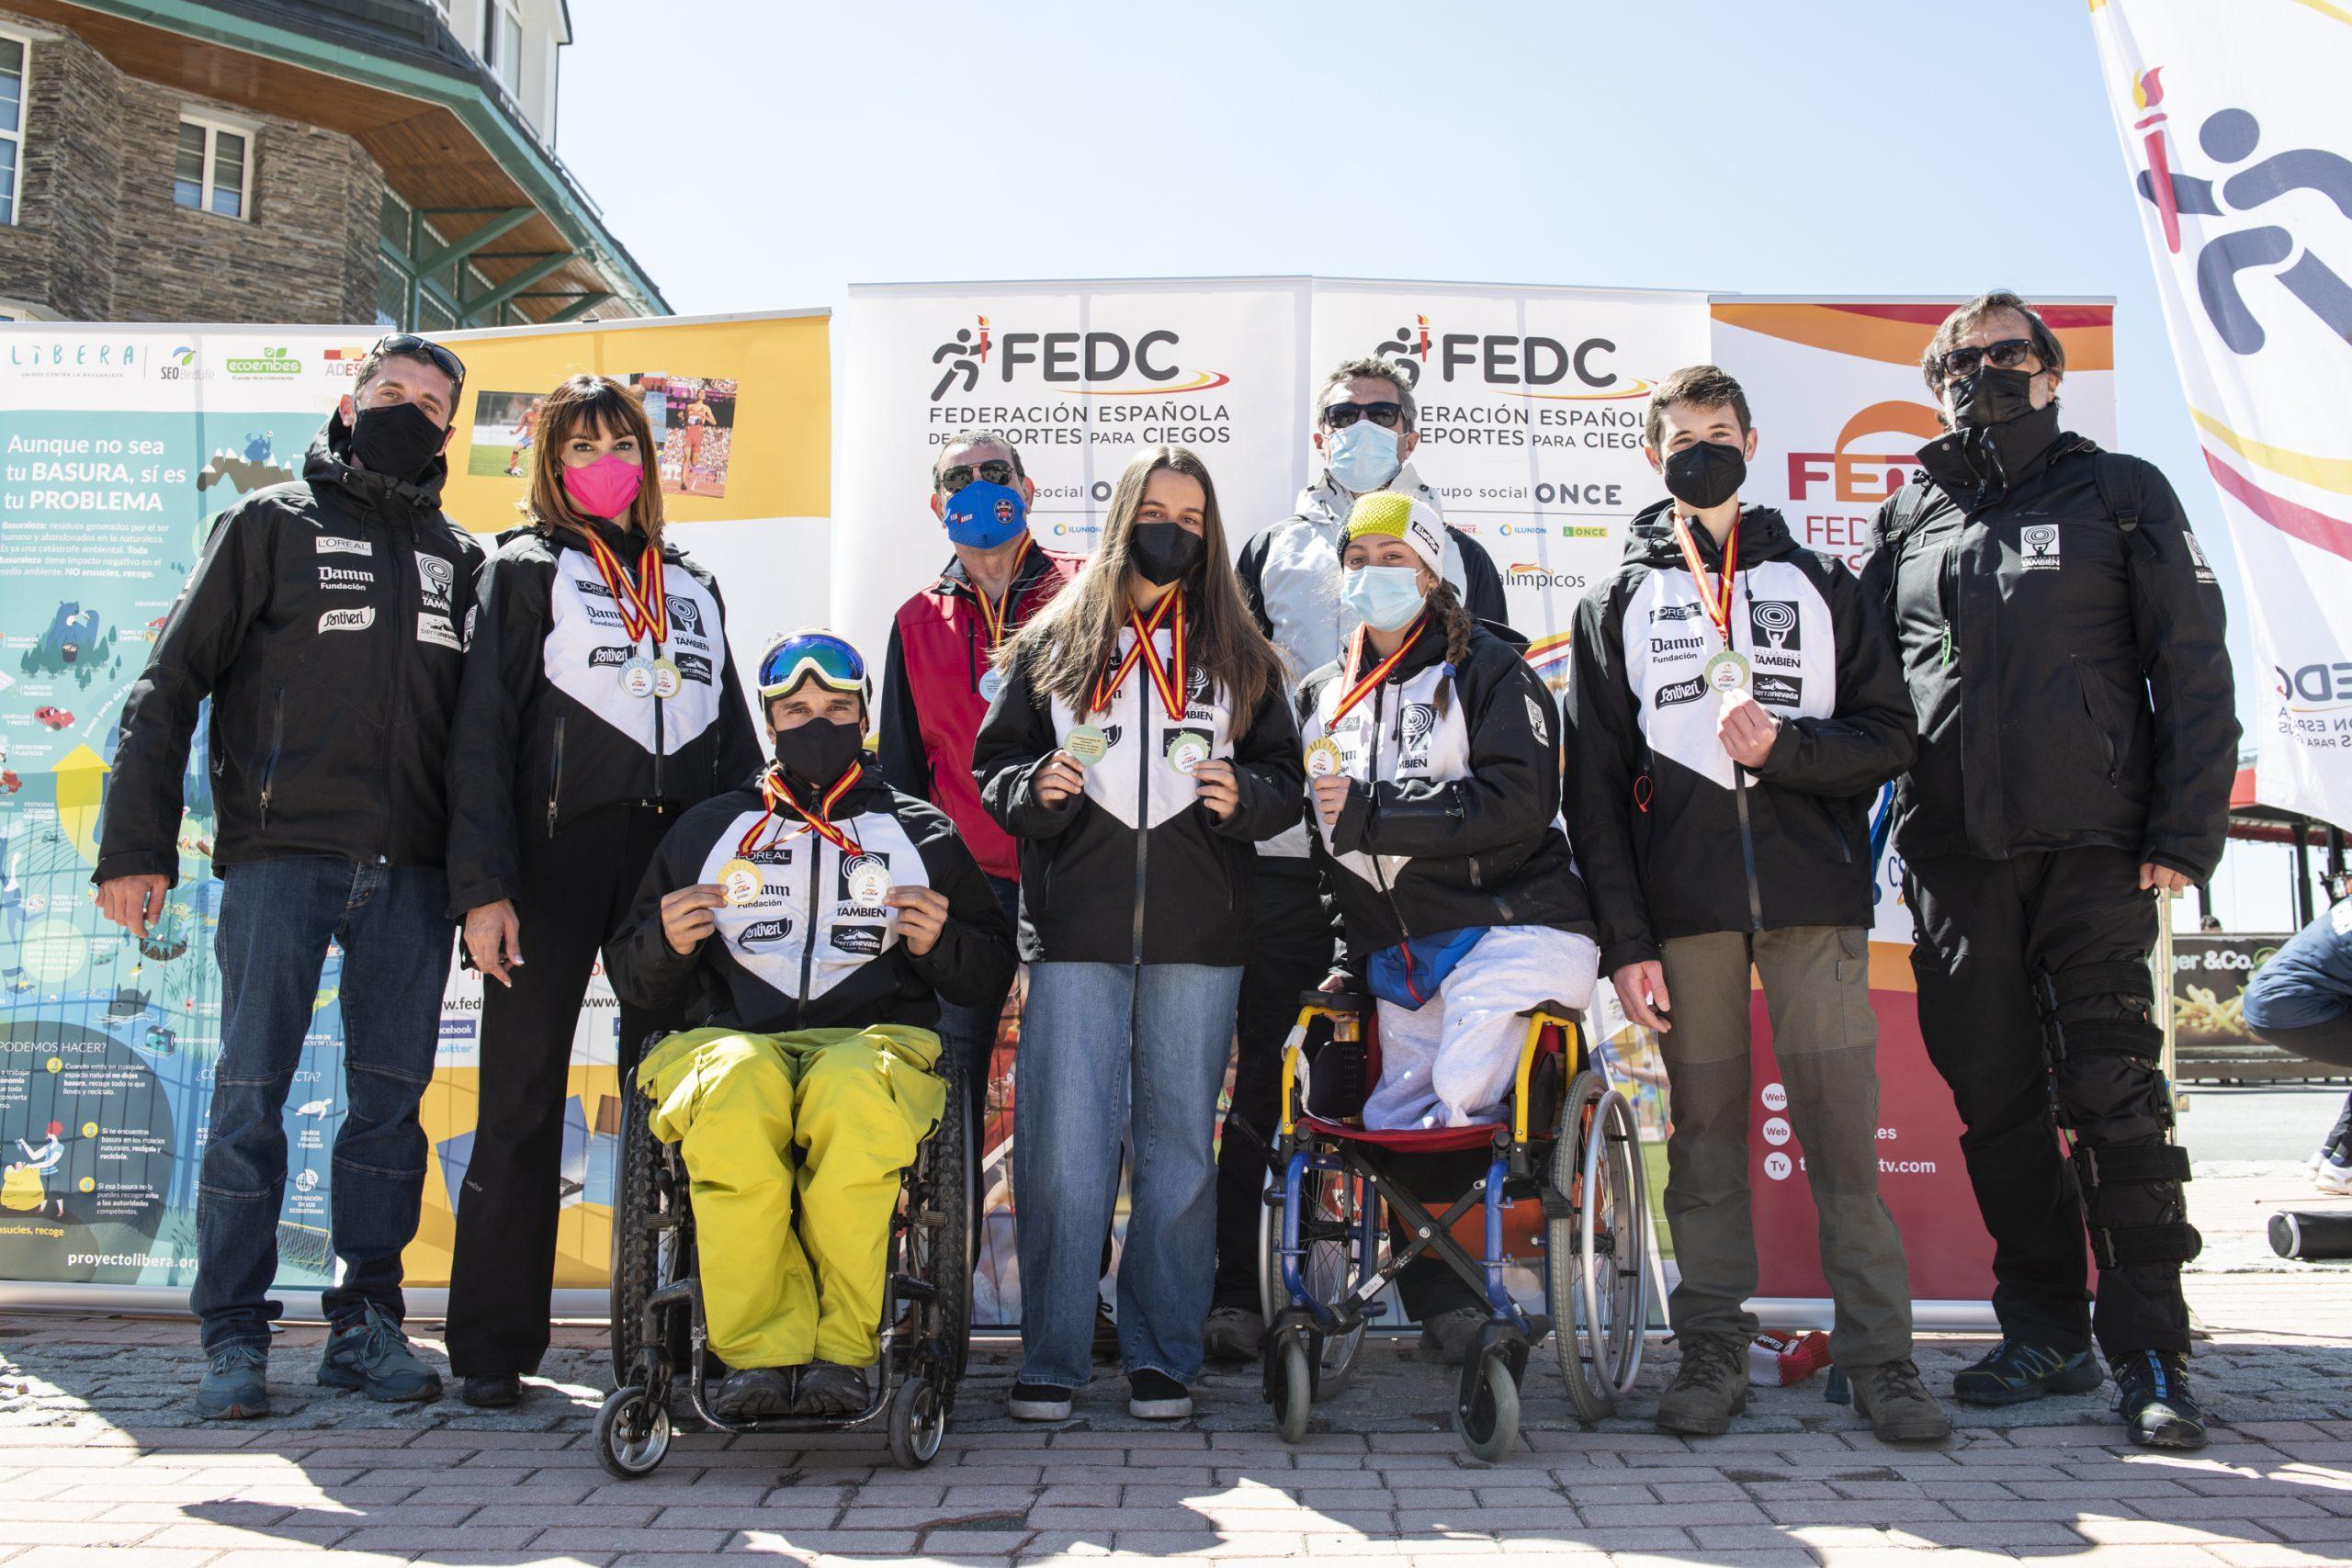 Fundación También. Fuente: Equipo Competición Fundación También de Esquí & Snowboard